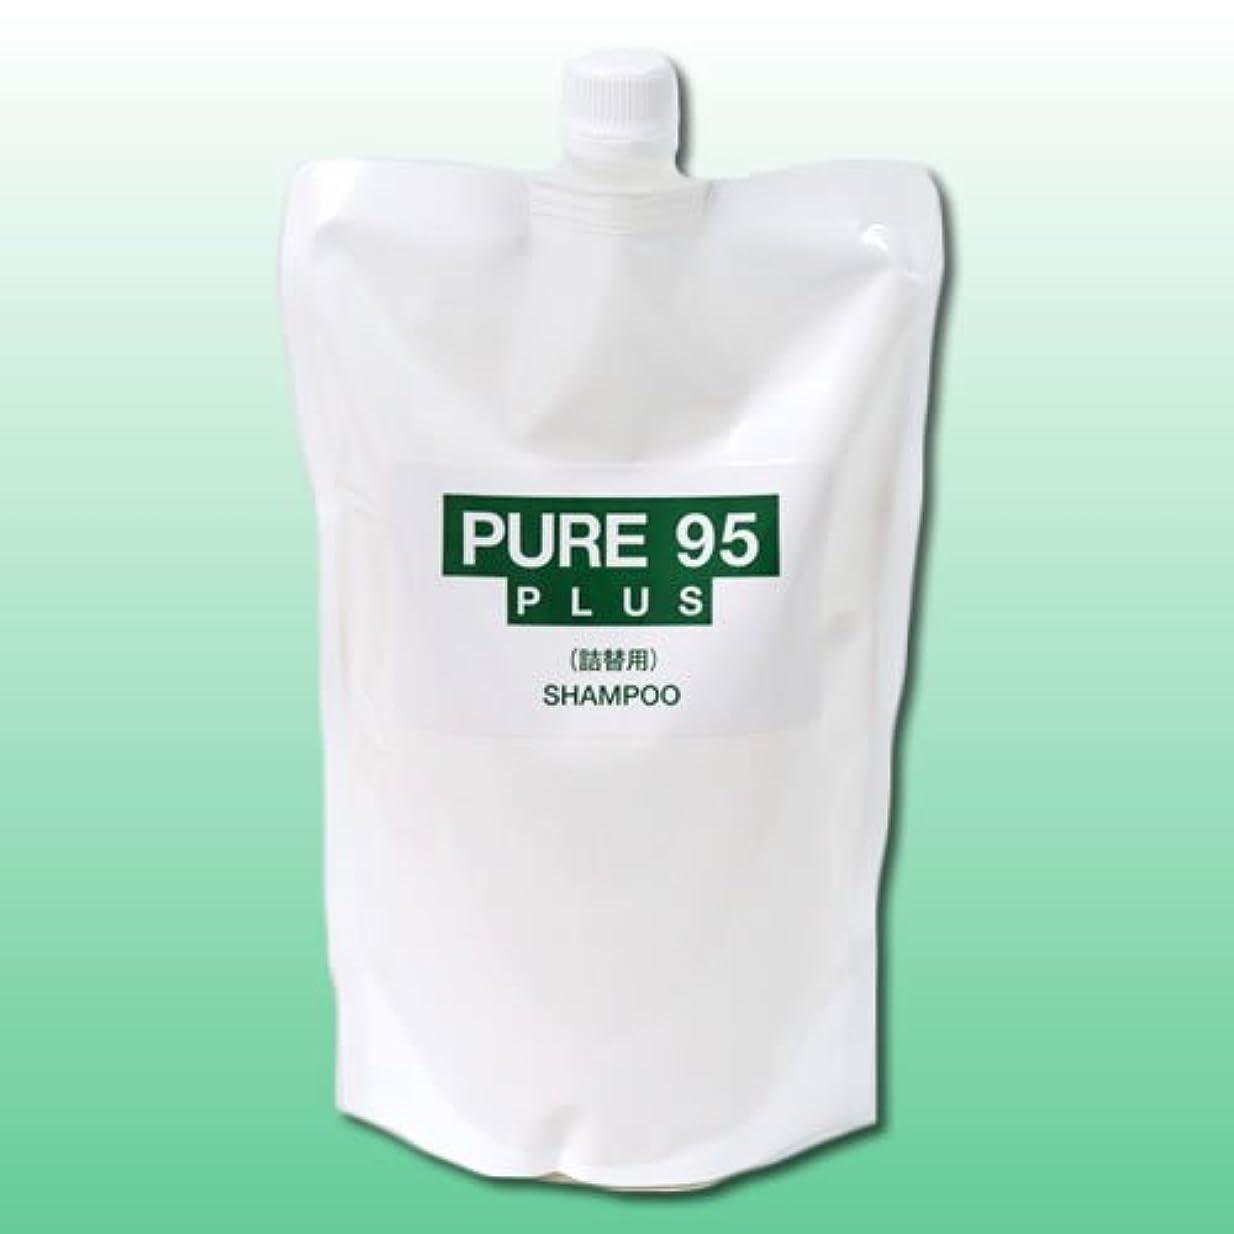 コンバーチブル誇りバスケットボールパーミングジャパン PURE95(ピュア95) プラスシャンプー 700ml (草原の香り) 詰替用